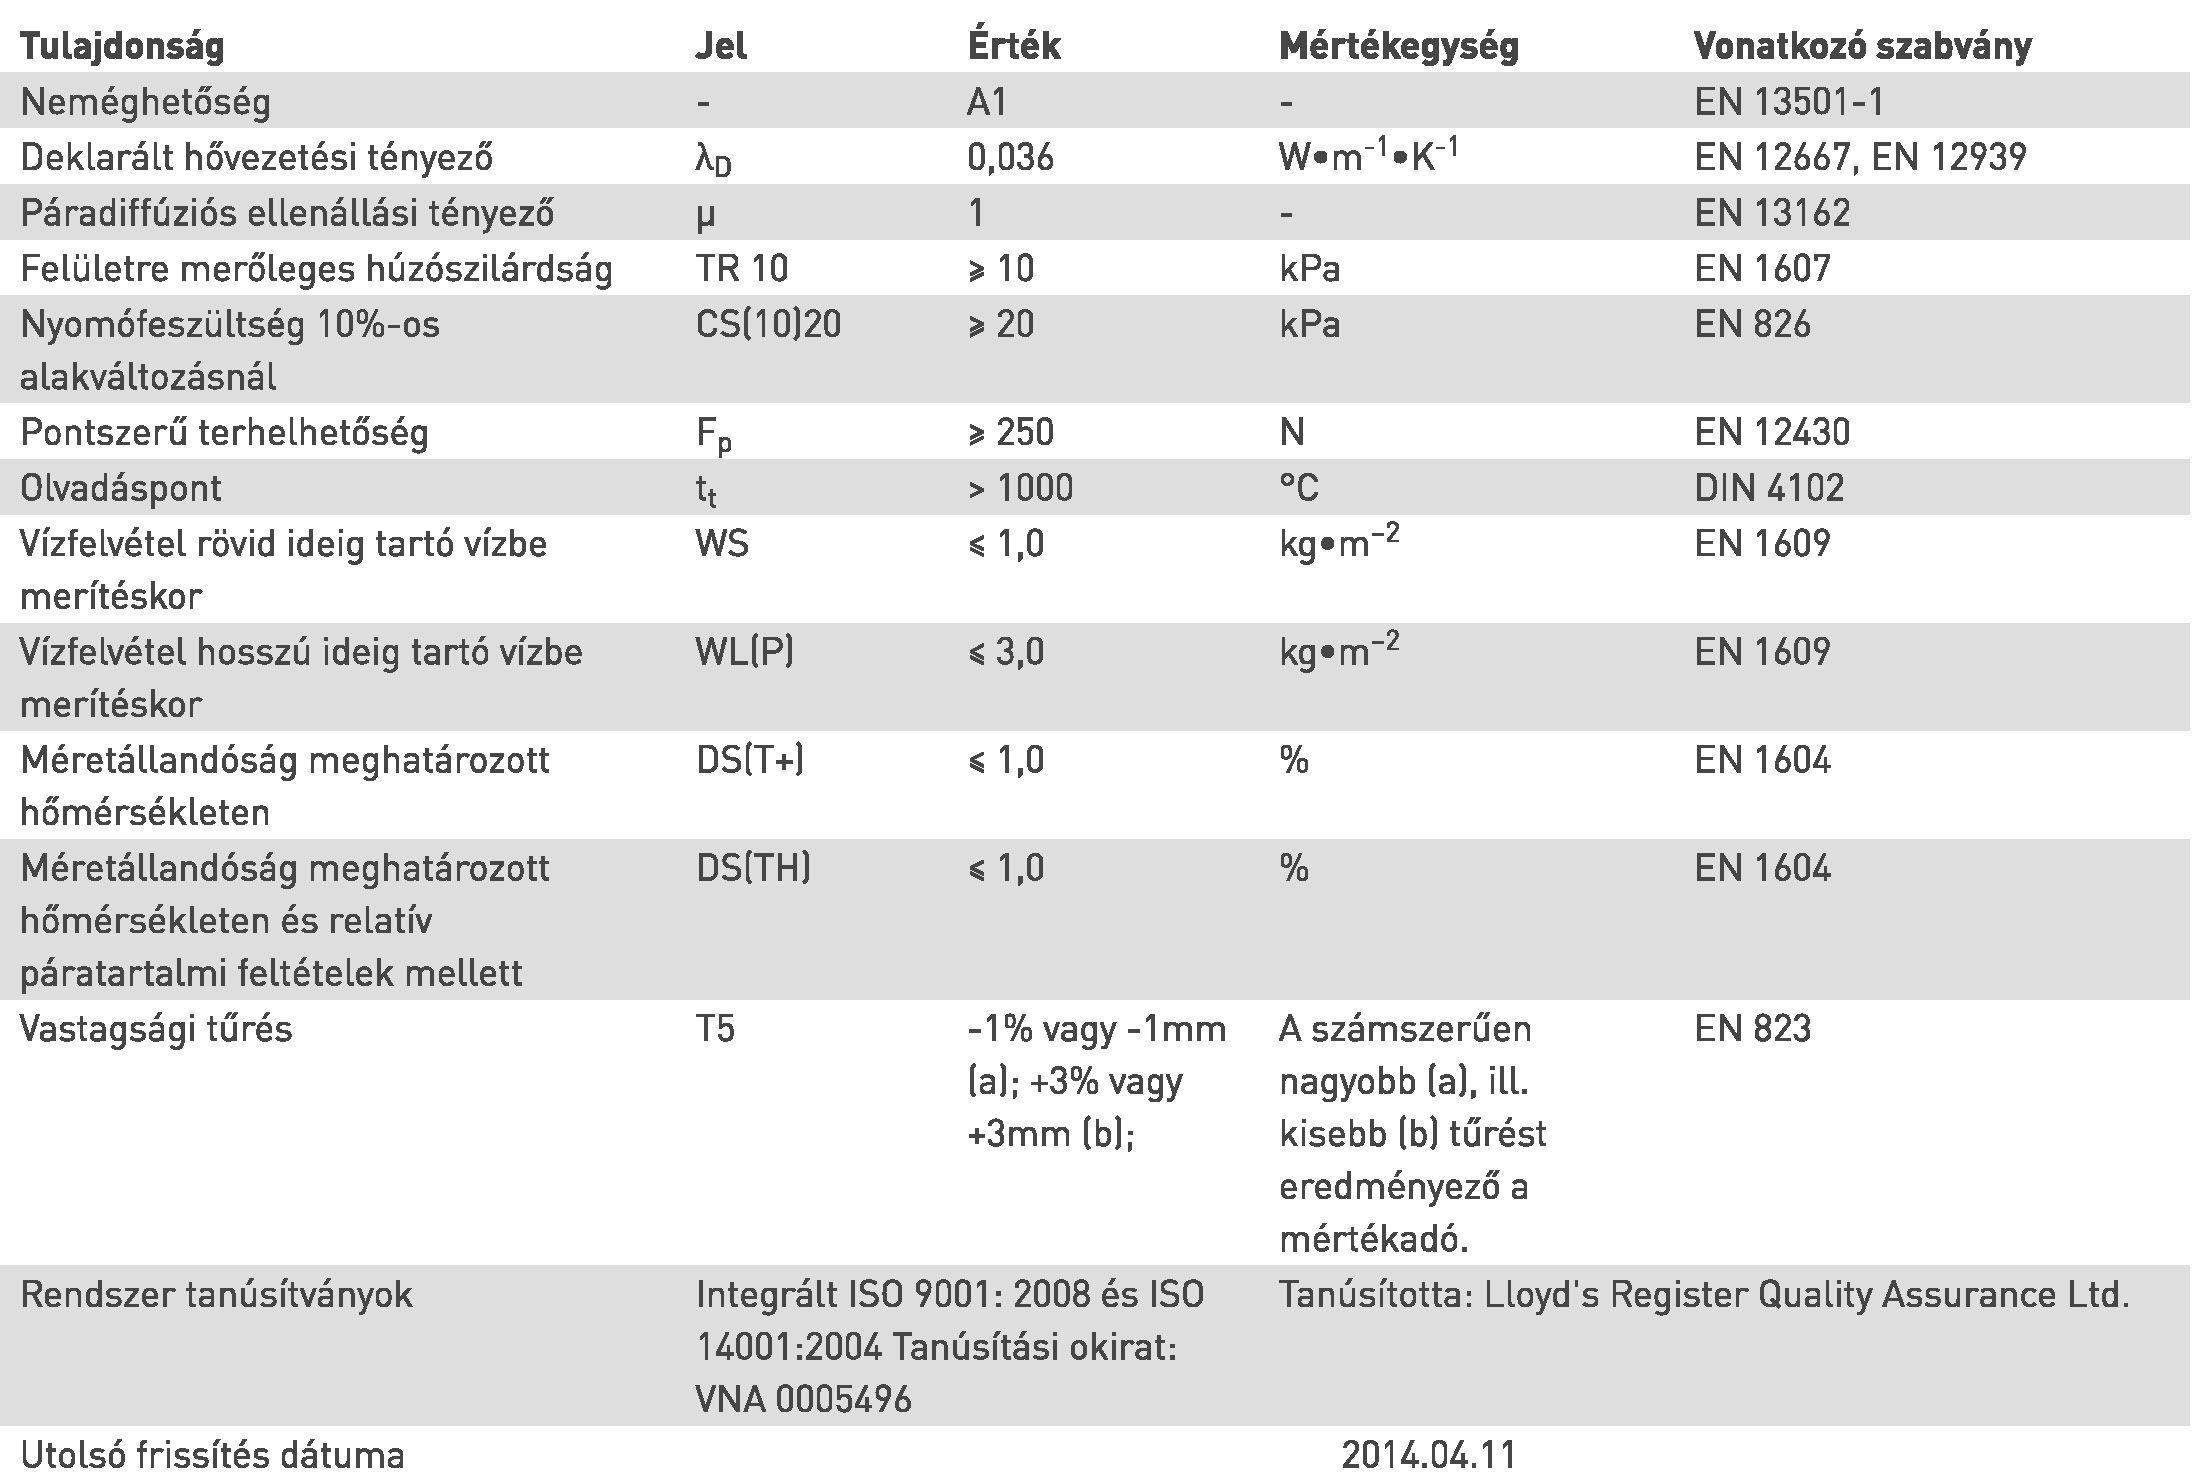 ROCKWOOL Frontrock MAX E homlokzati hőszigetelő lemez műszaki adat táblázat képe